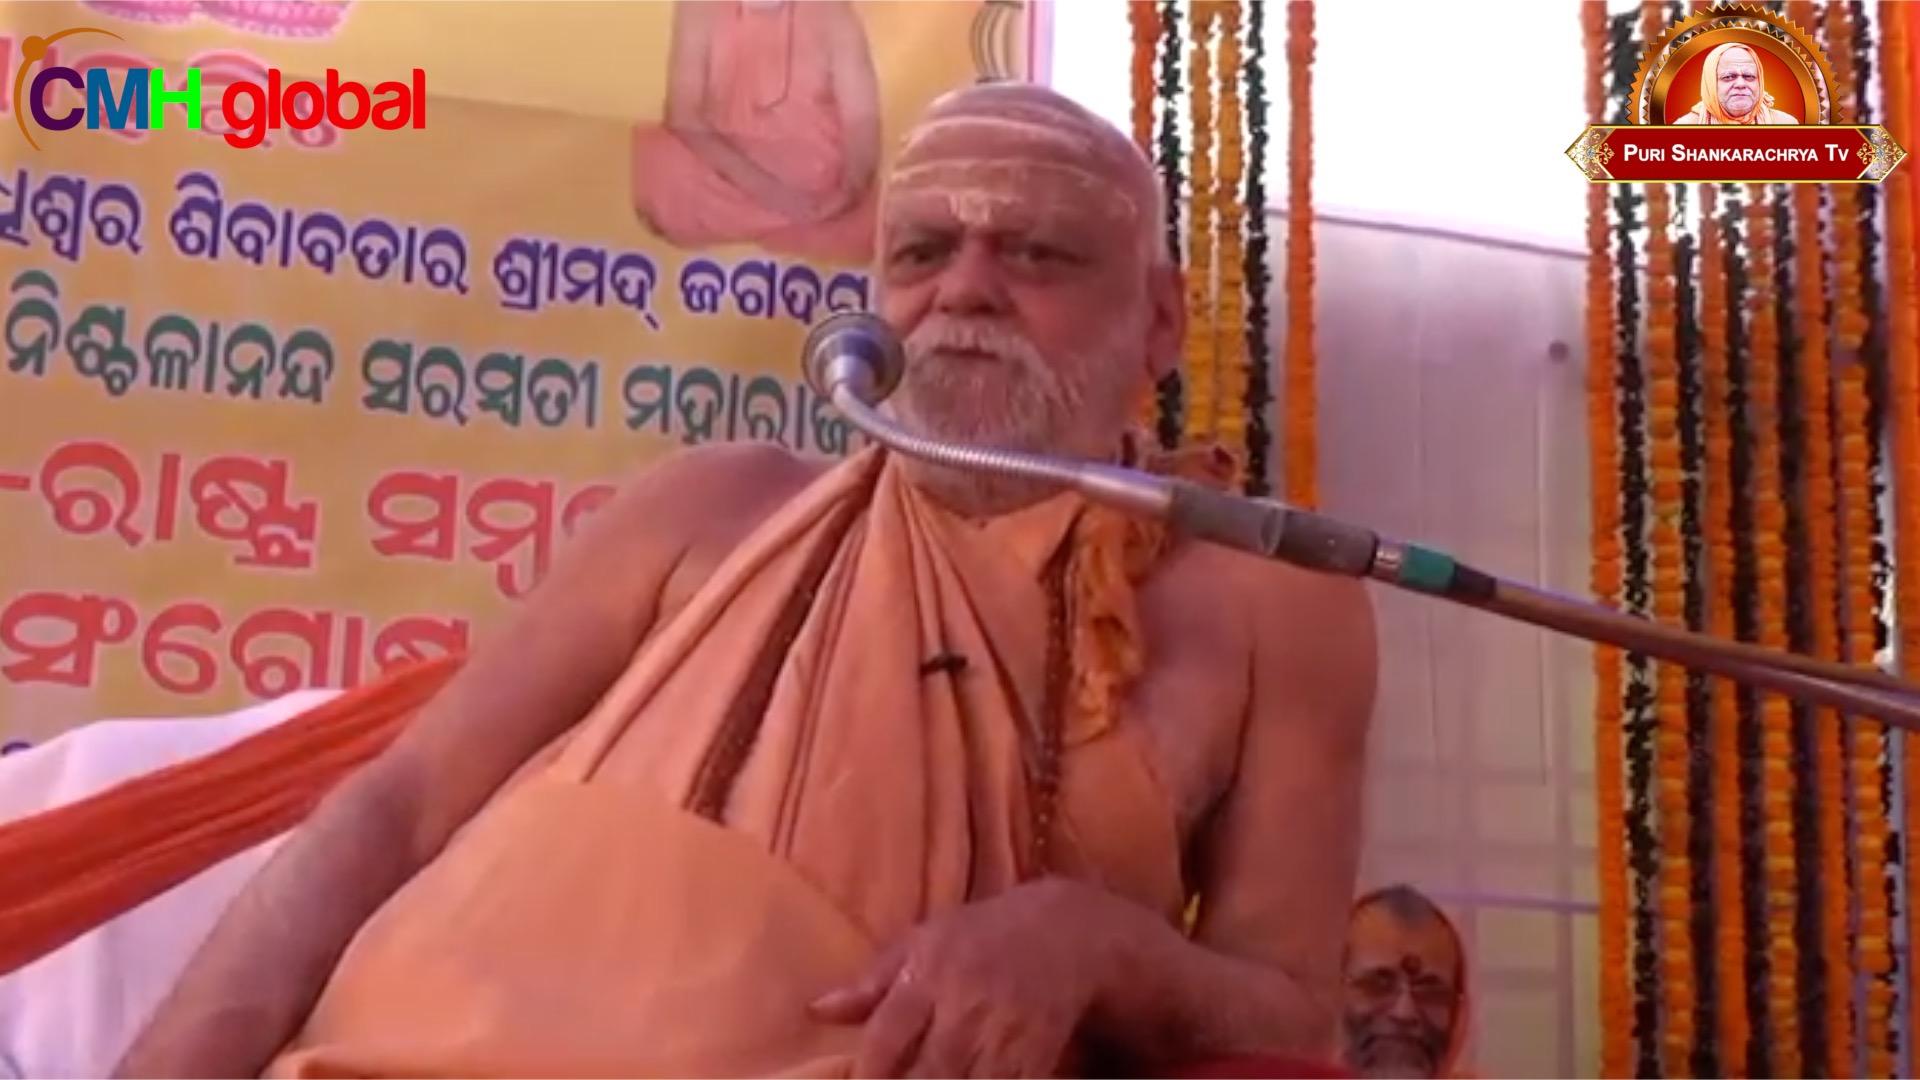 Pravachan Ep -03 by Puri Shankaracharya Swami Nishchalananda Saraswati Ji